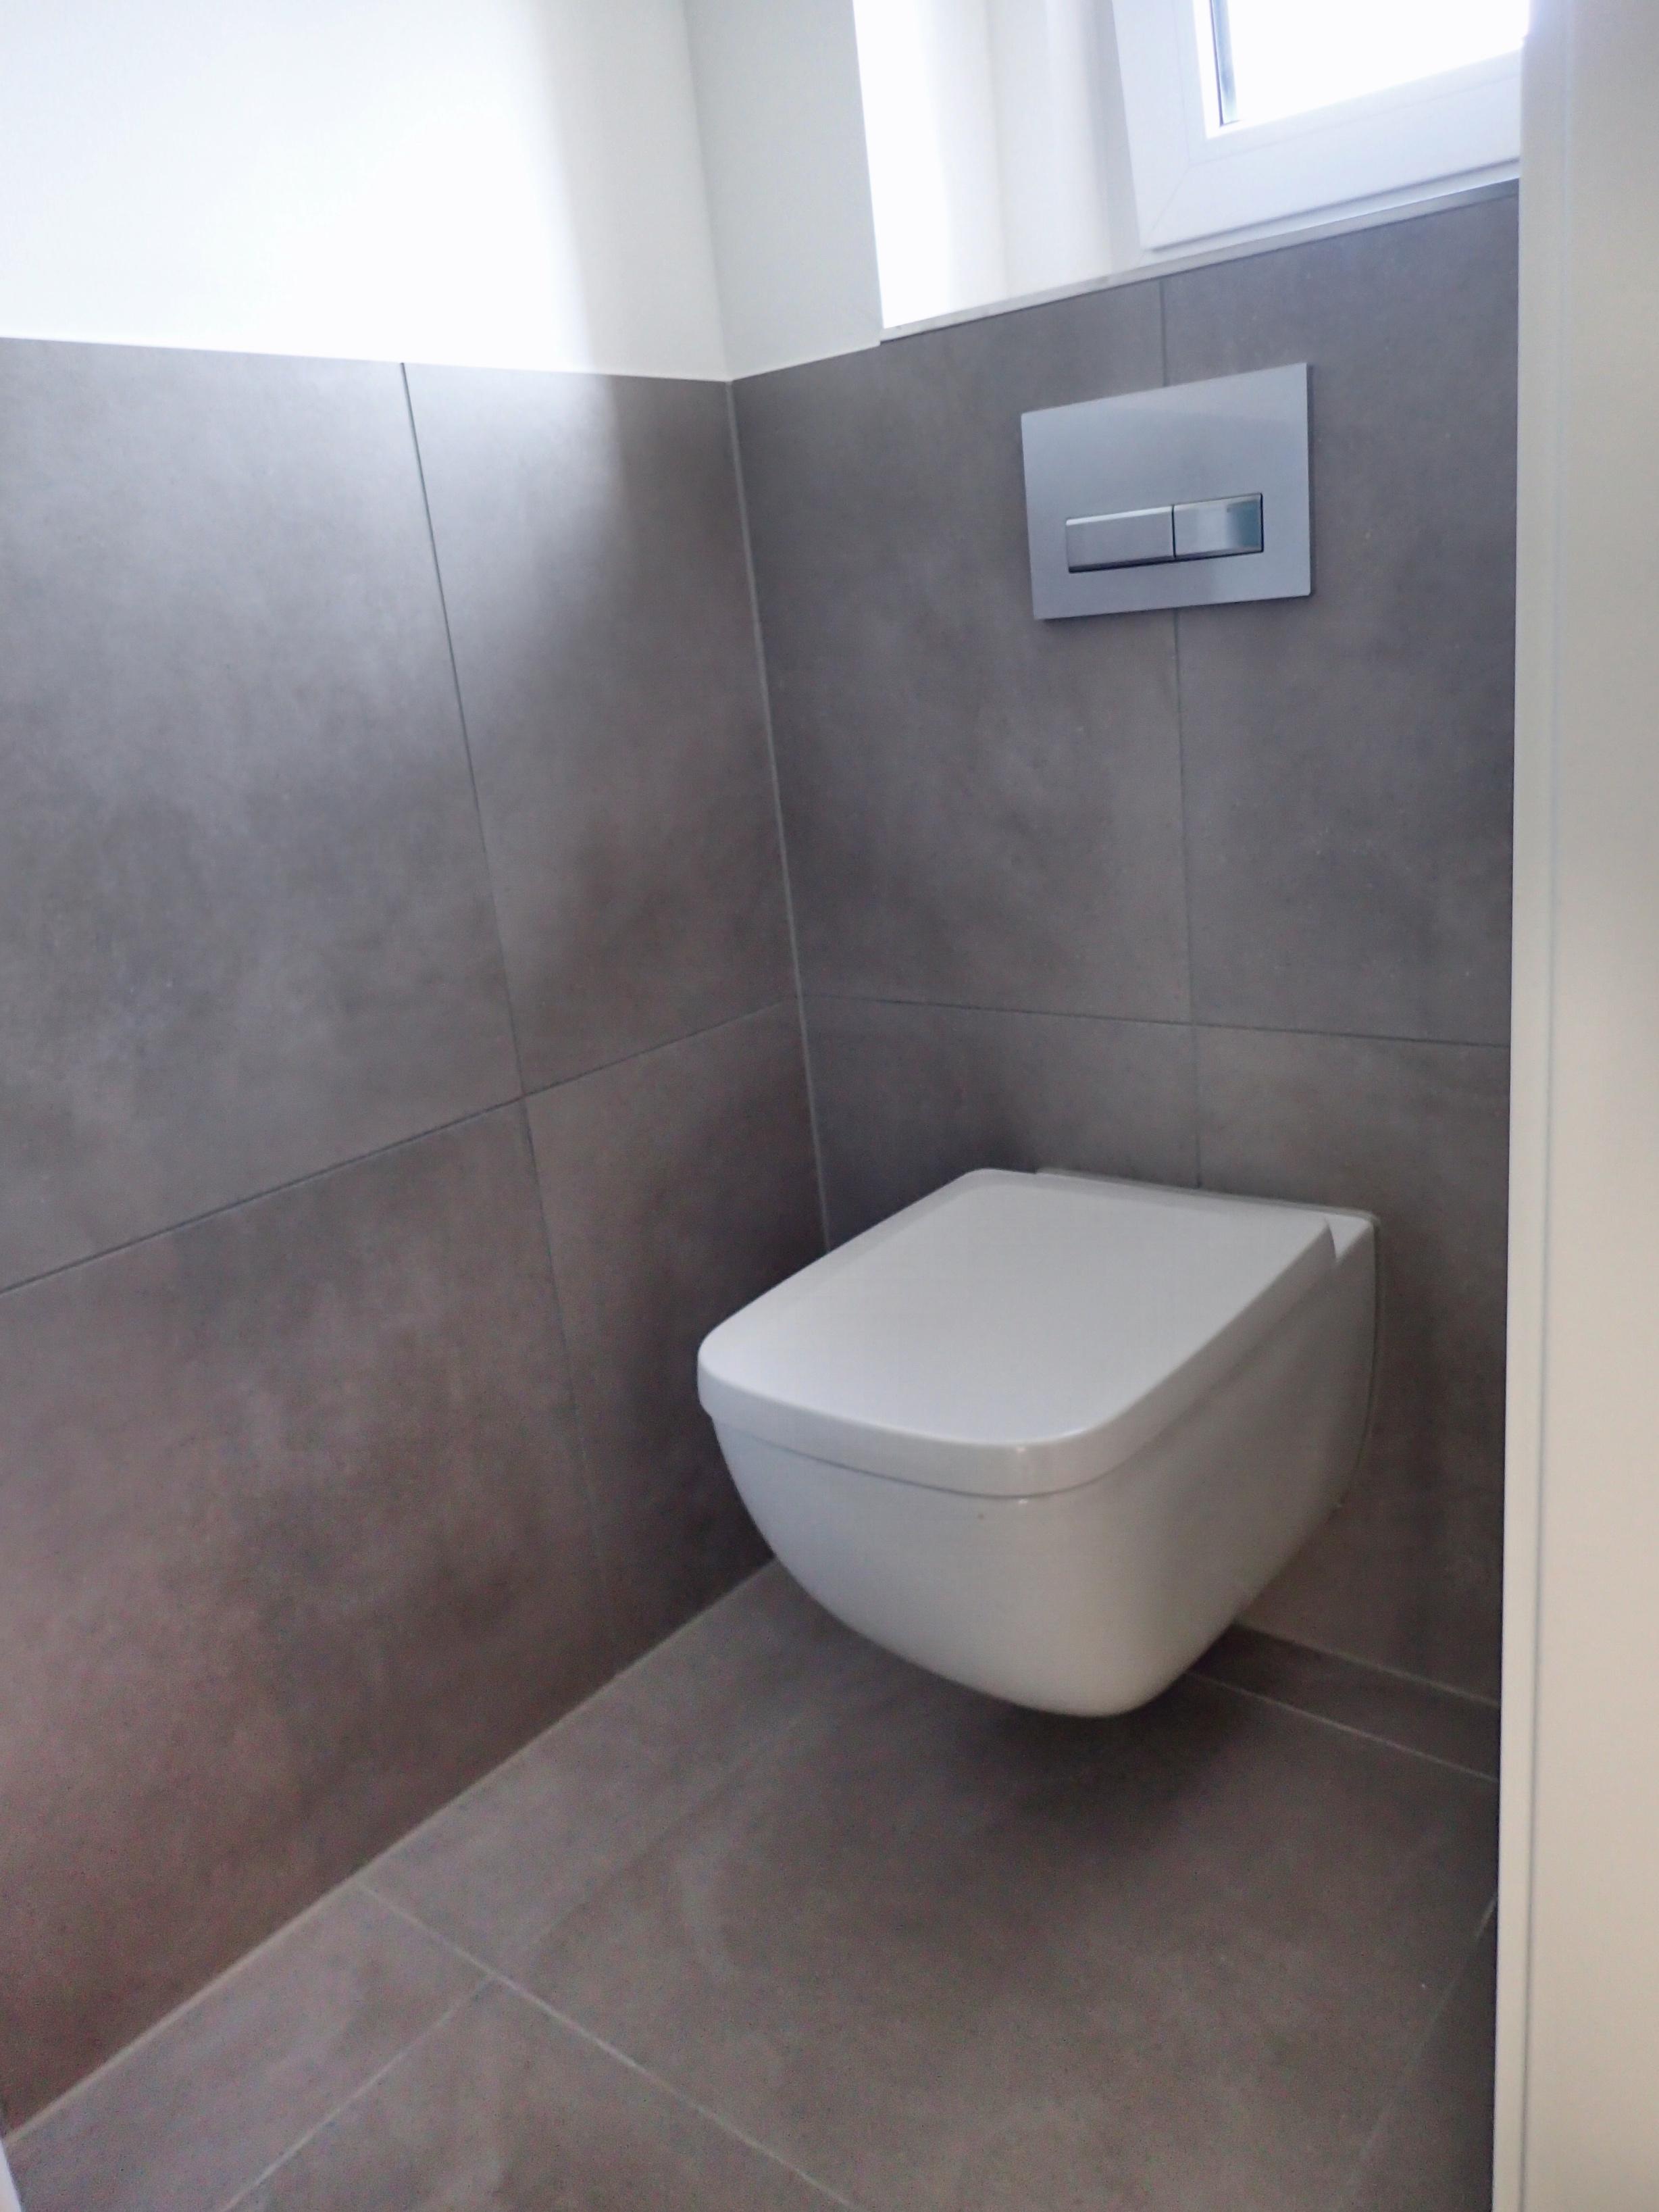 groformatfliese im wc bereich neben der optischen grenwirkung beeindruckt die eleganz vom fliesen groformat - Fliesen